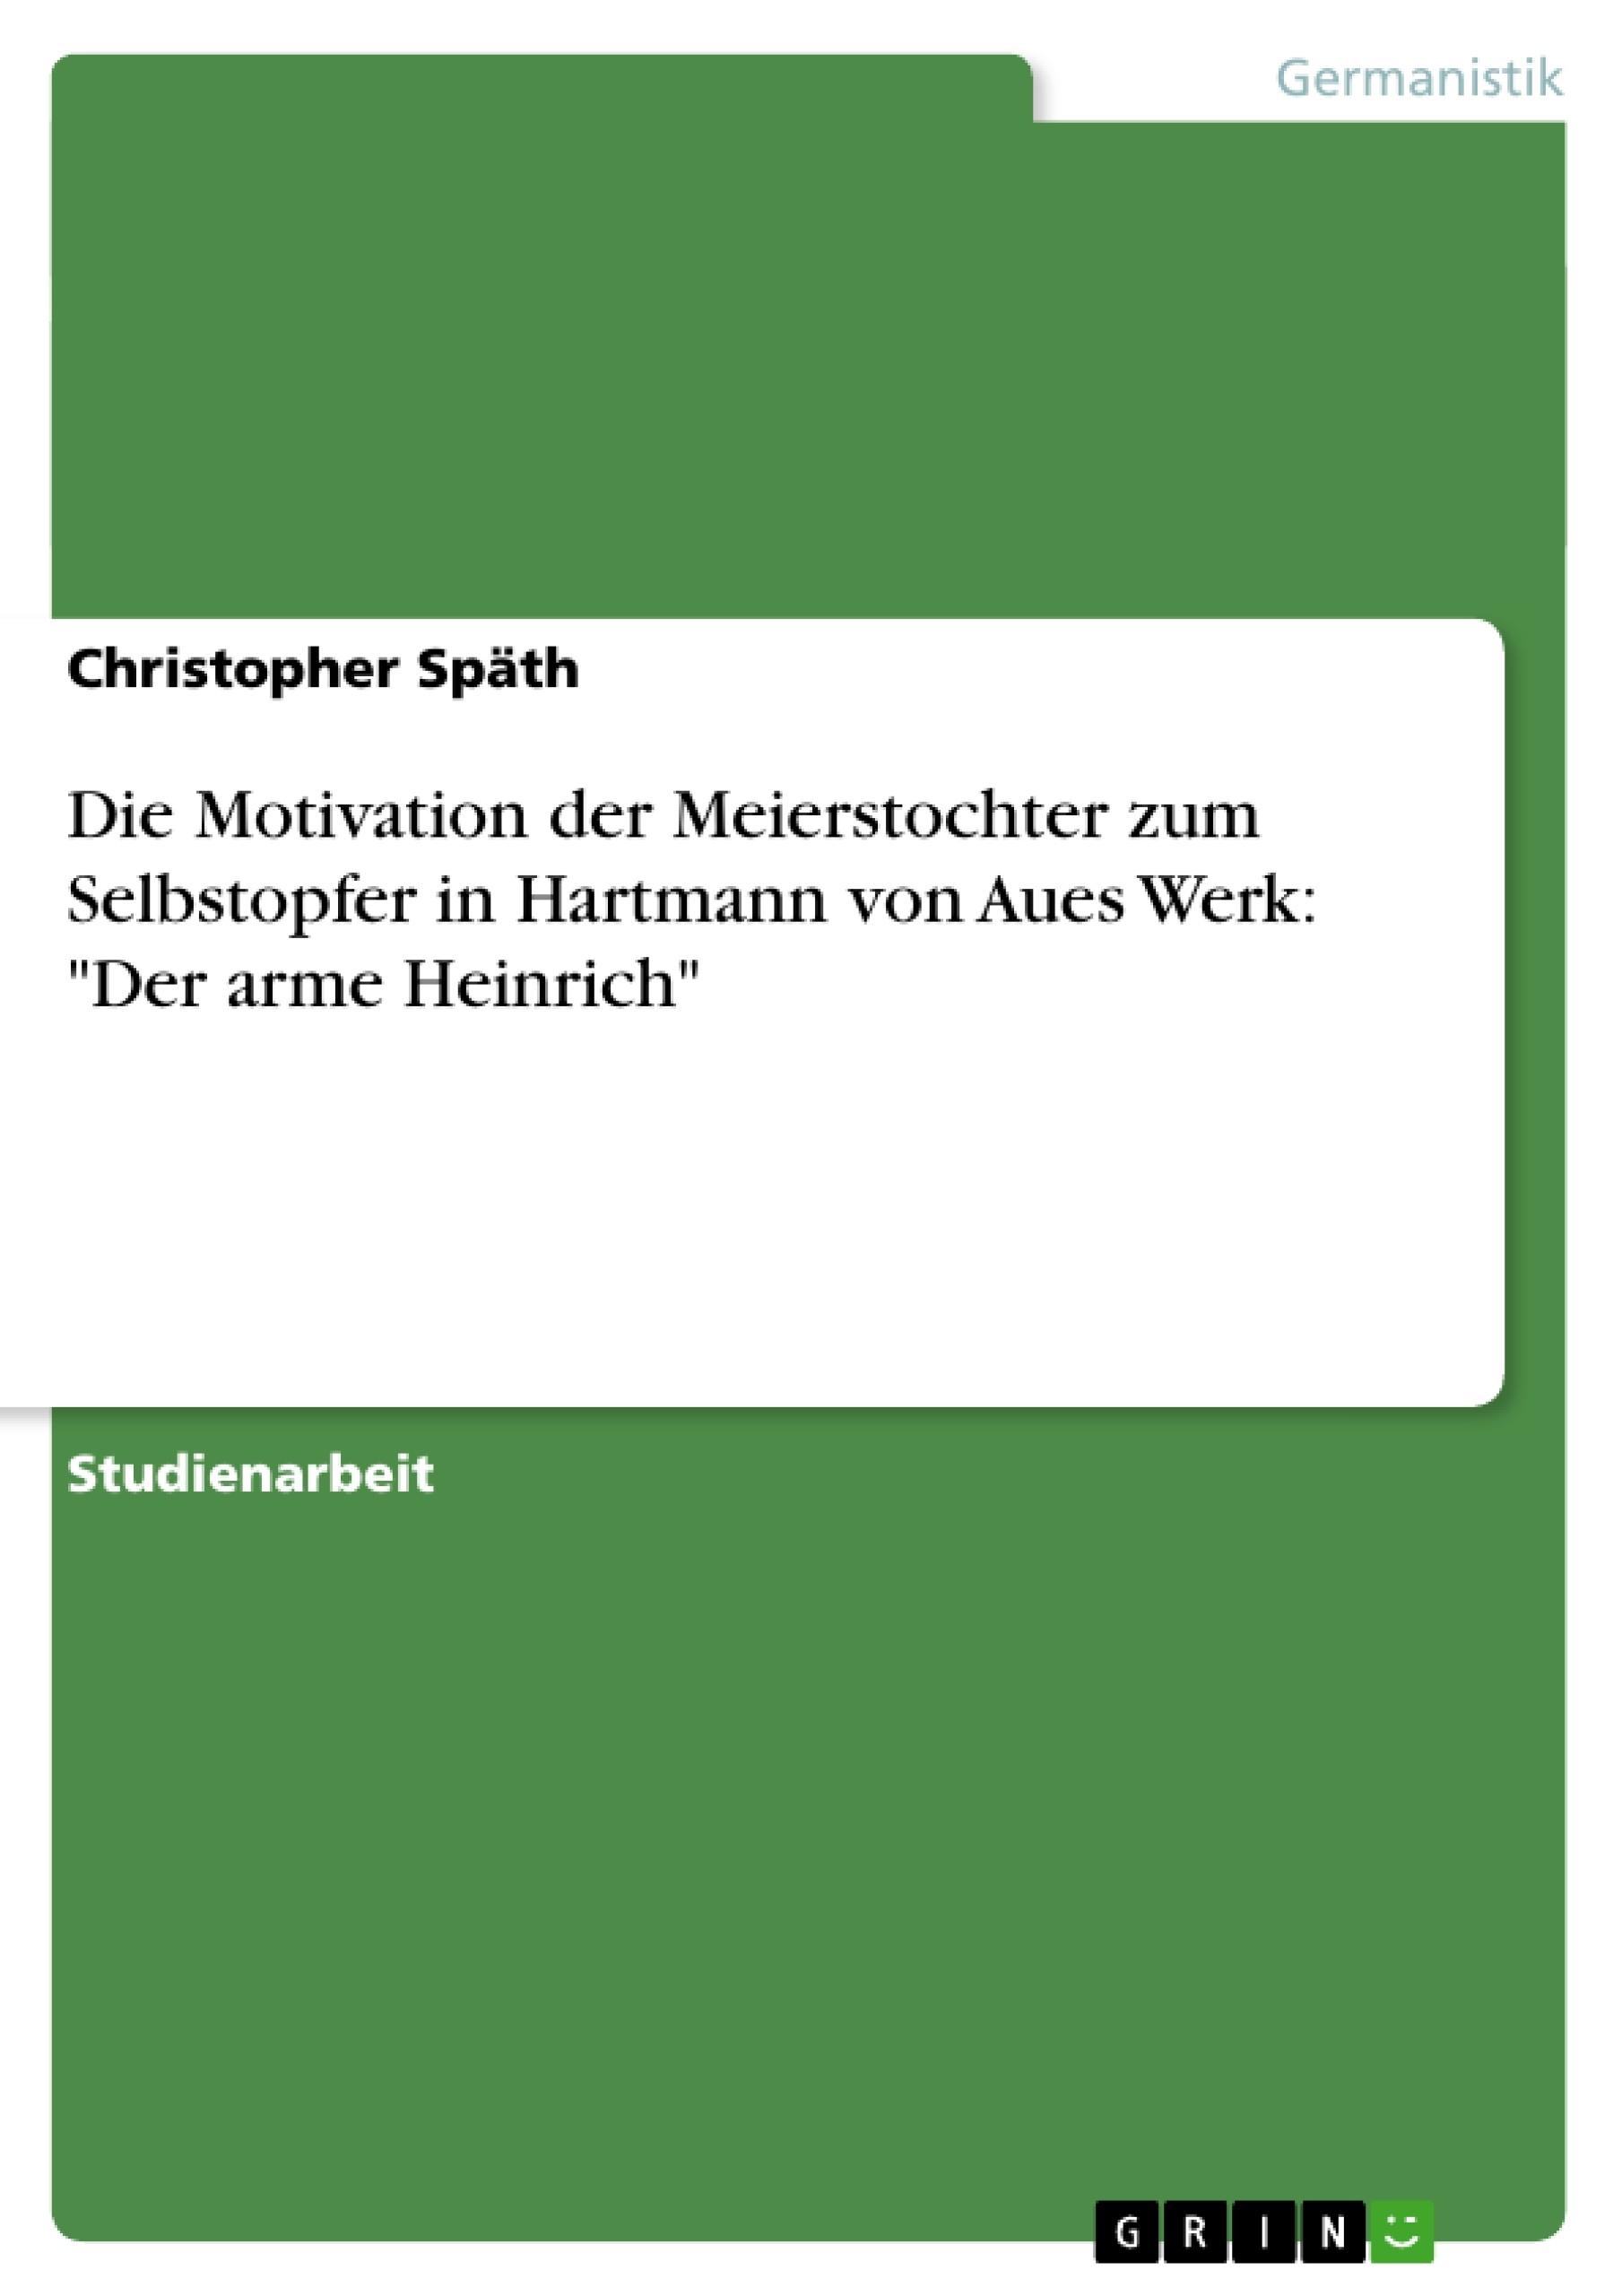 """Titel: Die Motivation der Meierstochter zum Selbstopfer in Hartmann von Aues Werk: """"Der arme Heinrich"""""""